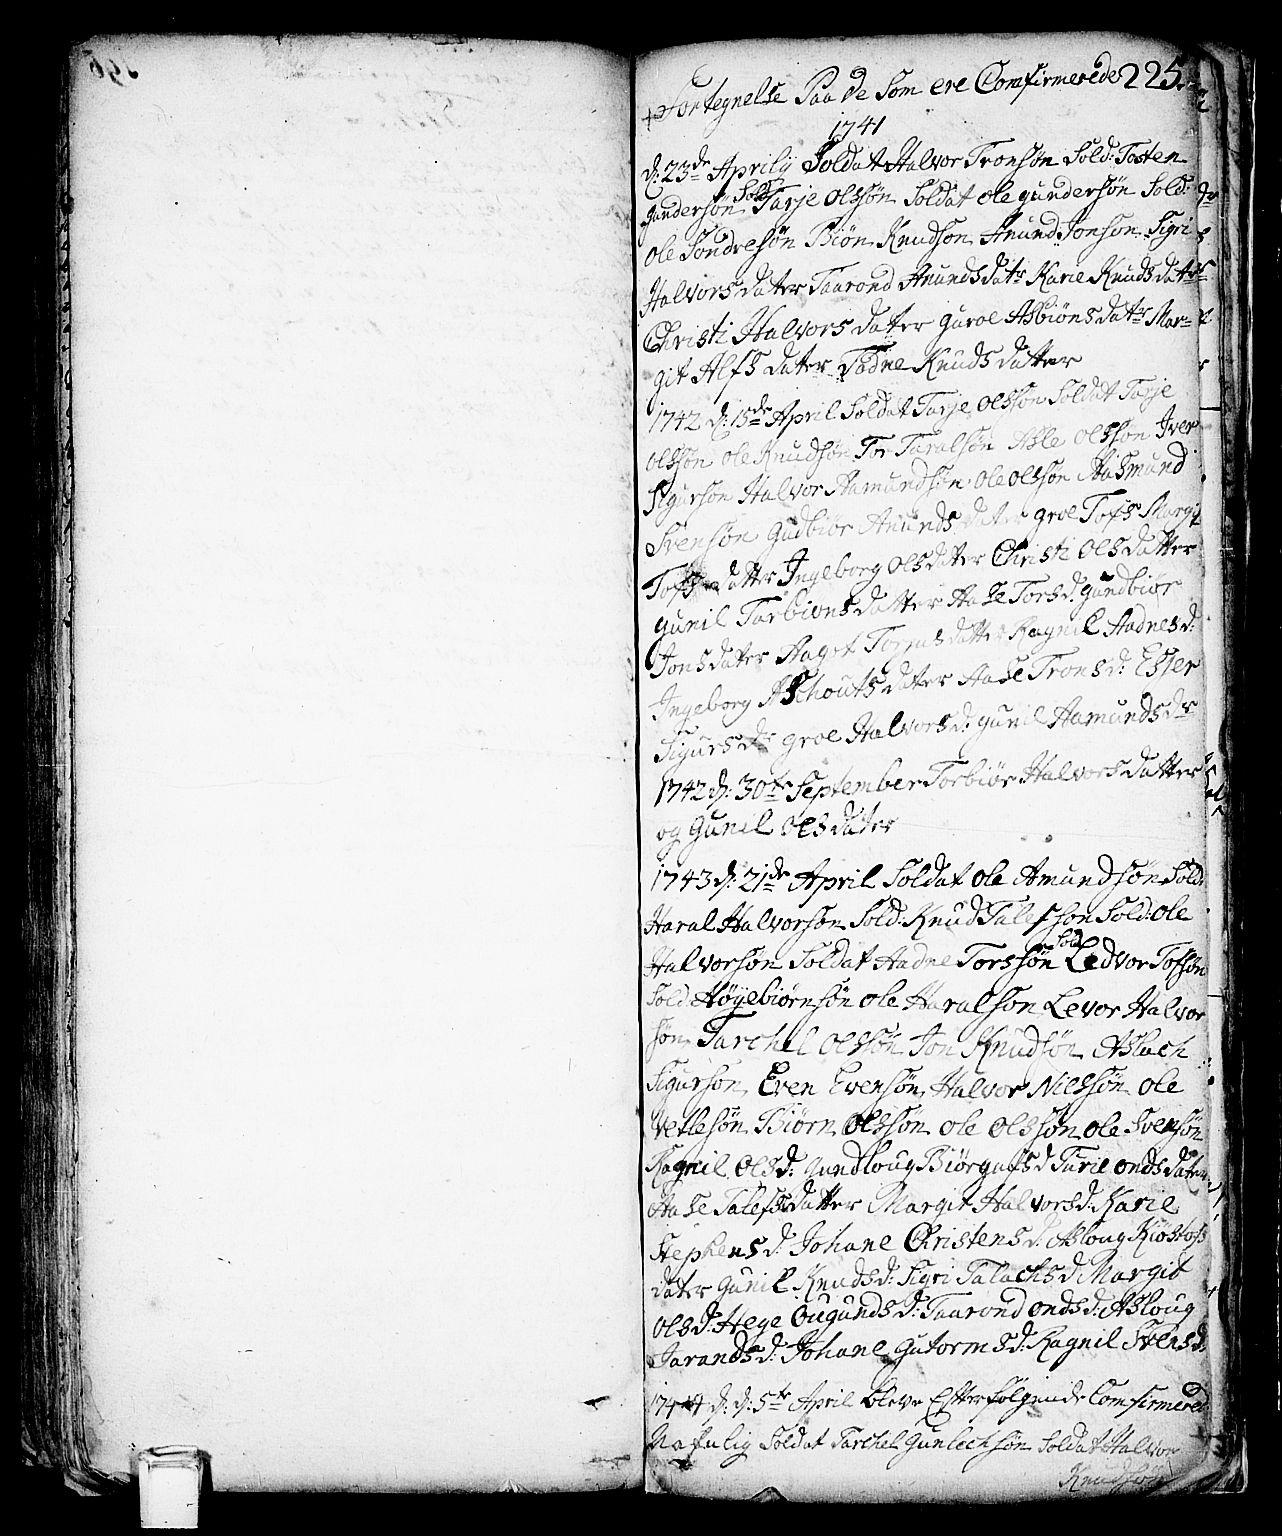 SAKO, Vinje kirkebøker, F/Fa/L0001: Ministerialbok nr. I 1, 1717-1766, s. 225